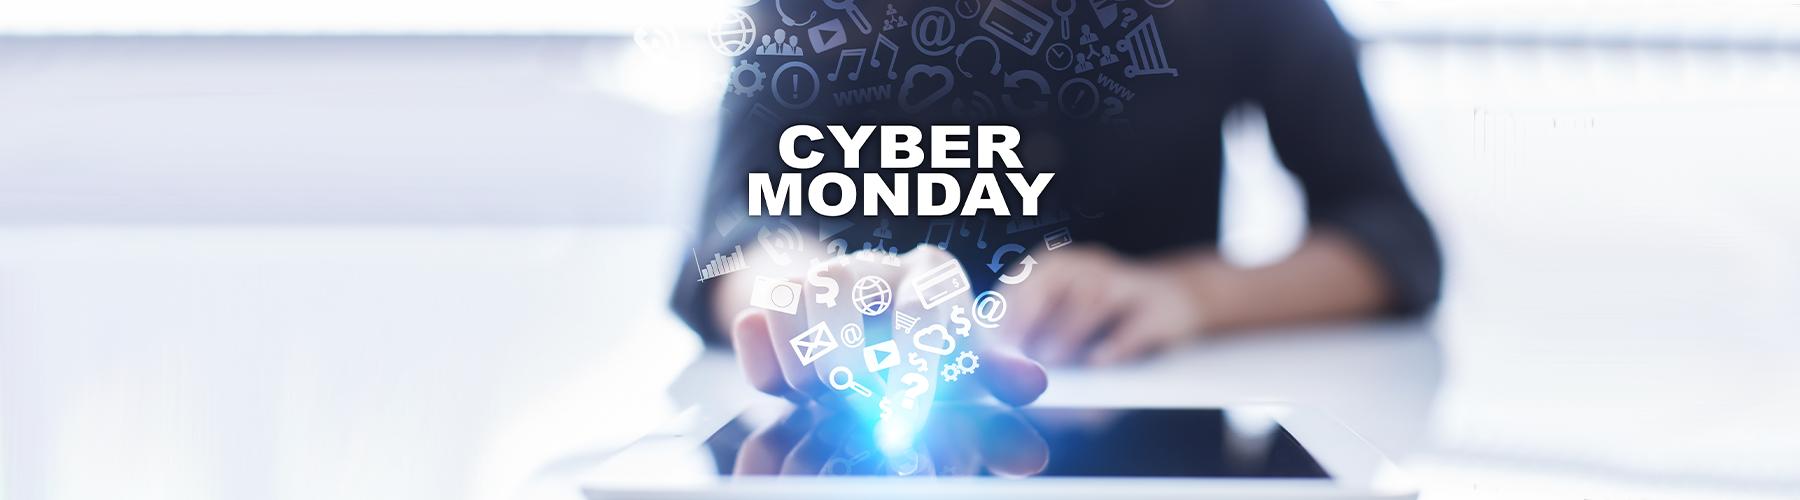 10 Ideas de Campañas para Cyber Monday